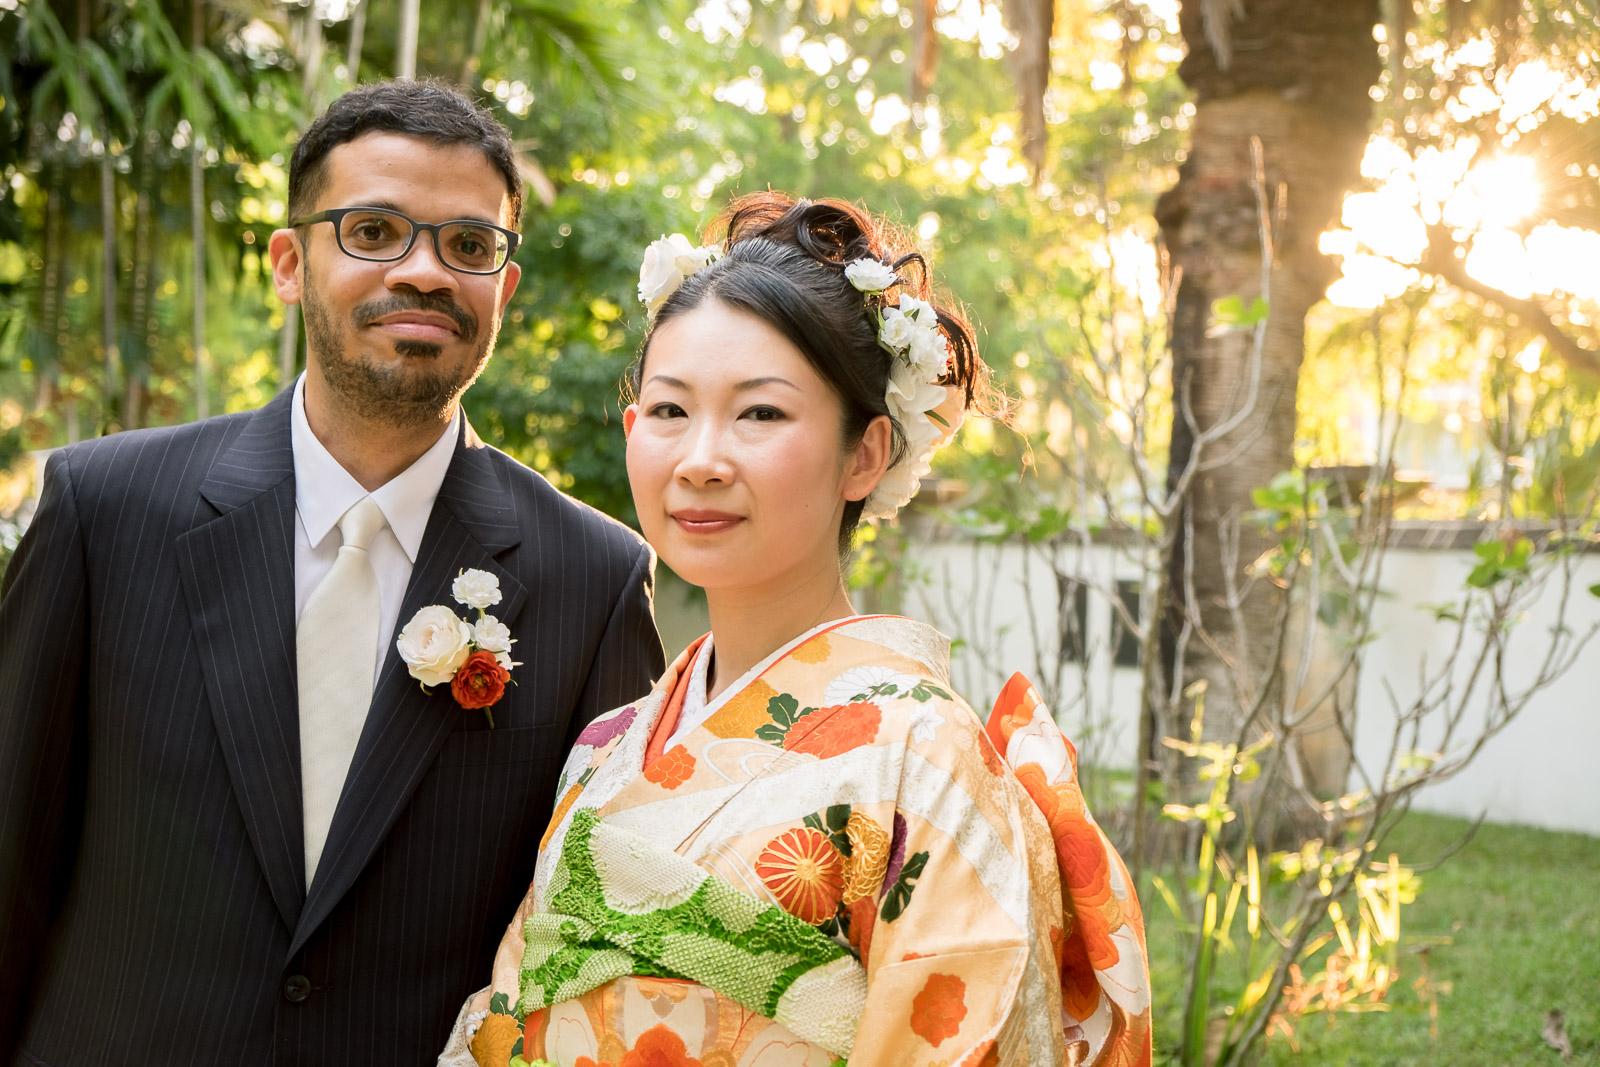 Photographier le mariage de mon frère